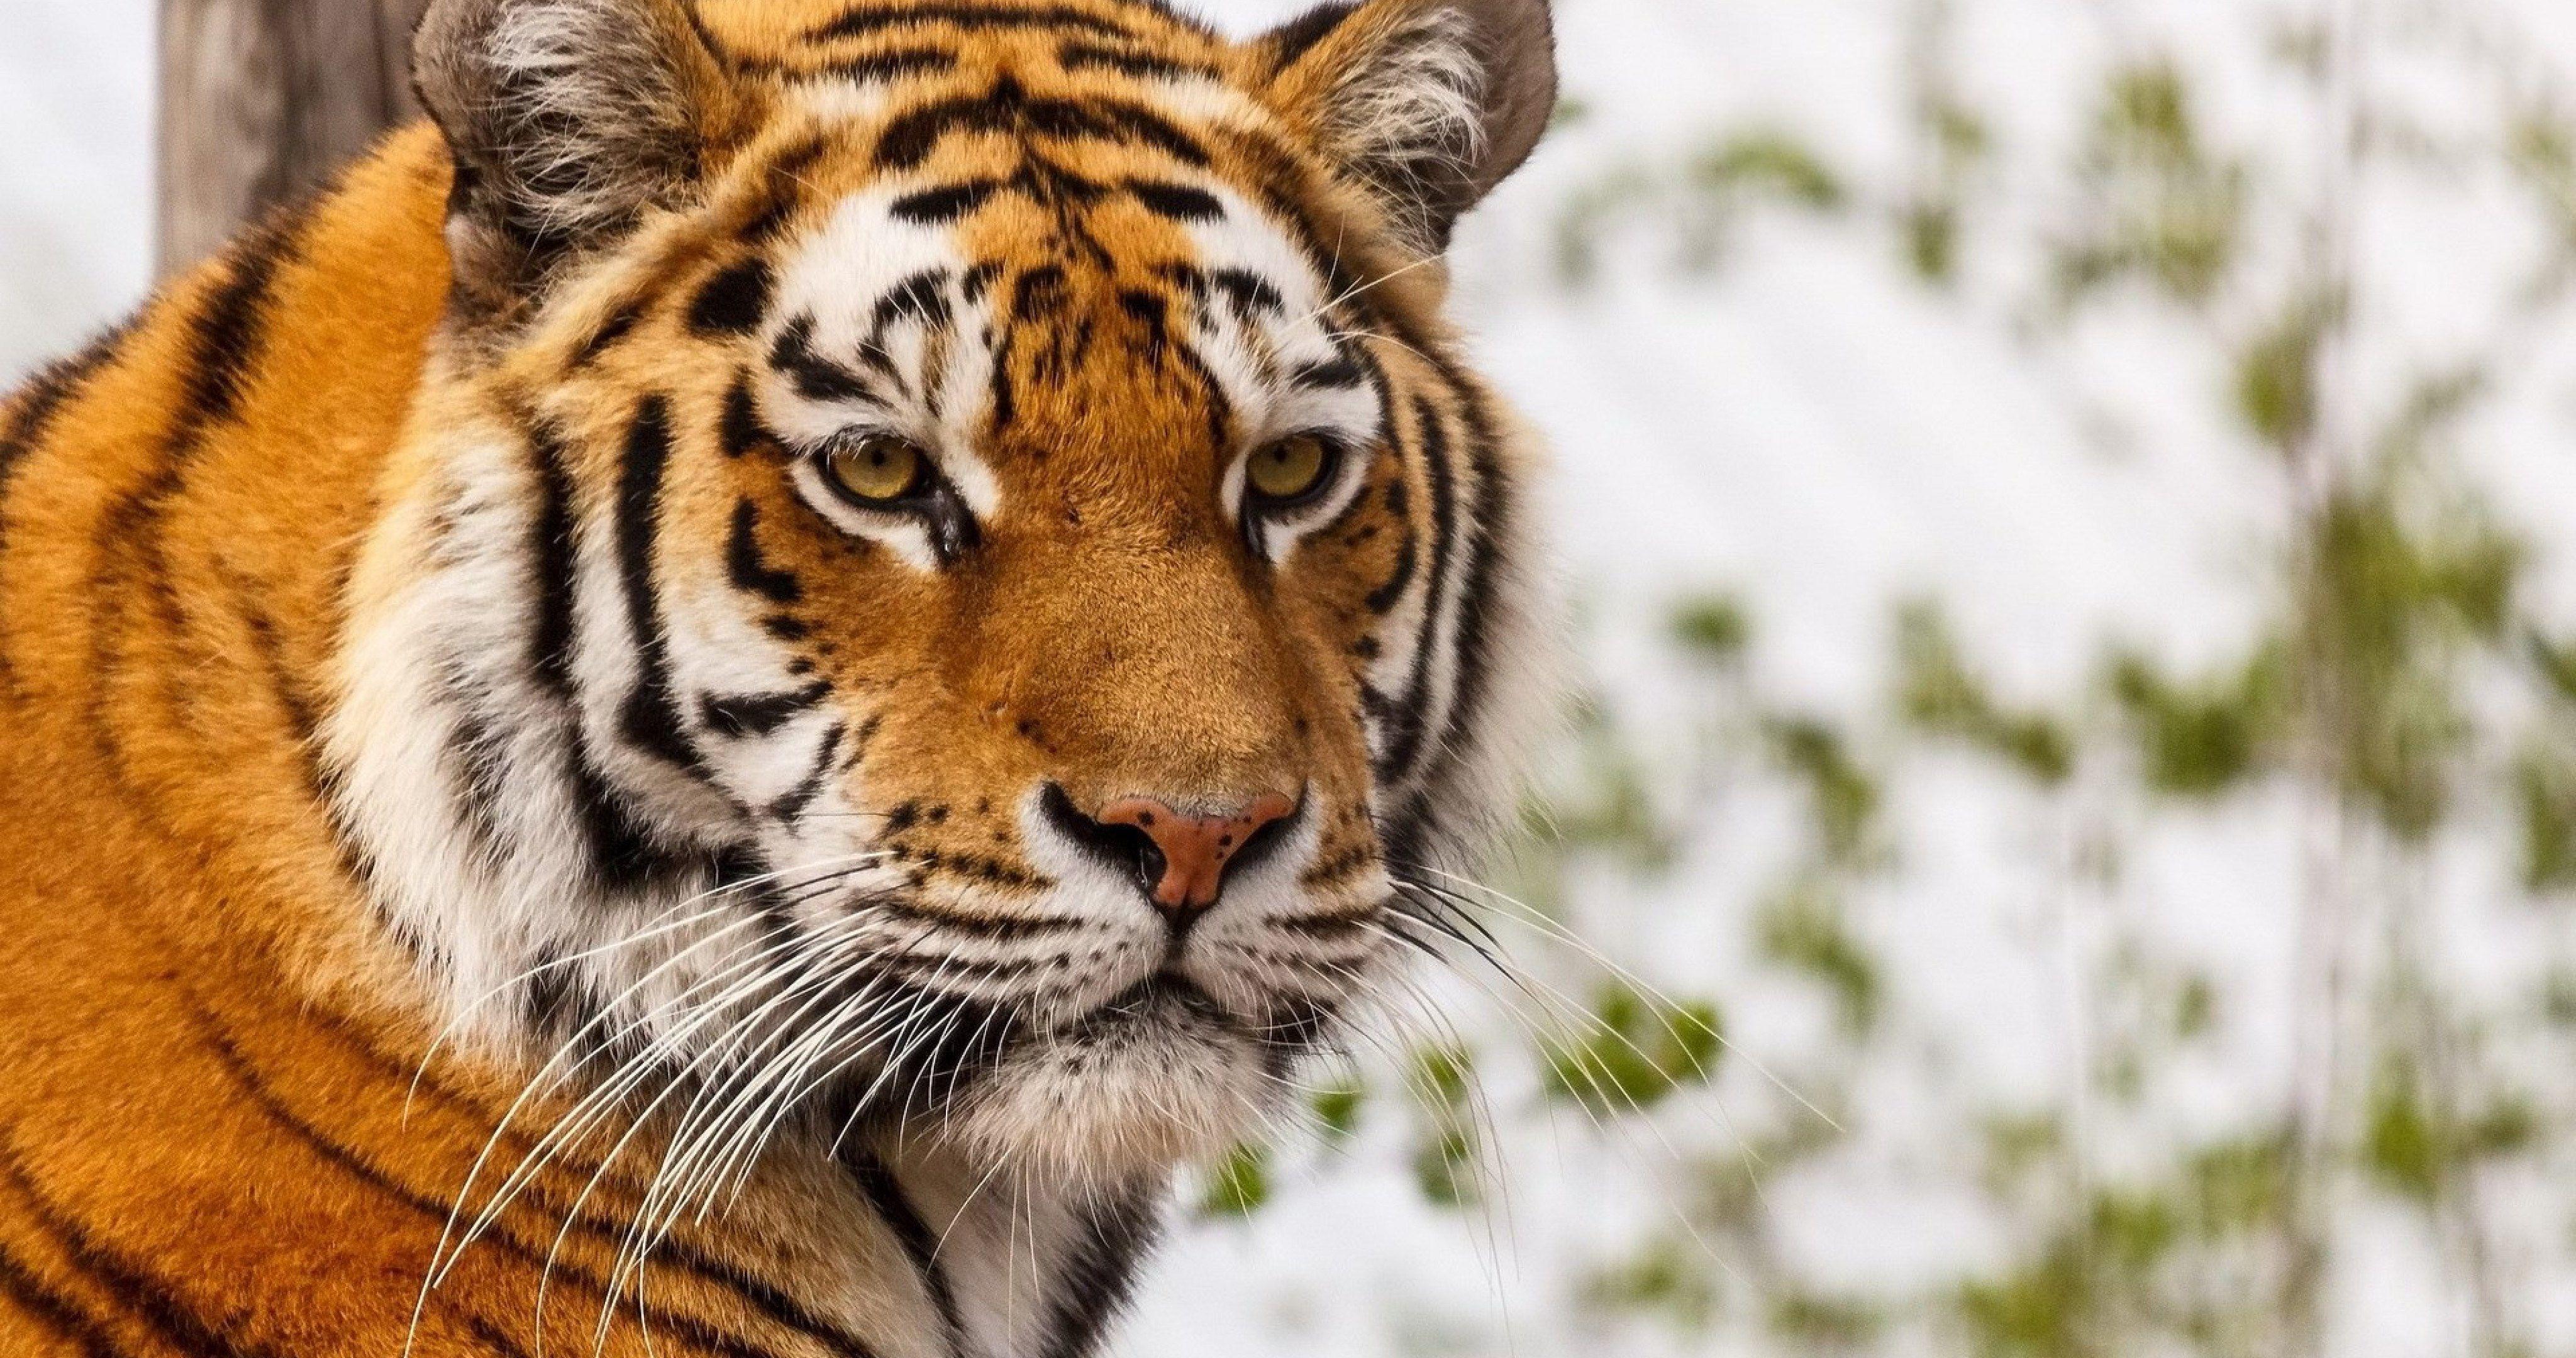 Big Wild Cat 4k Ultra Hd Wallpaper Wild Cats Tiger Images Cats